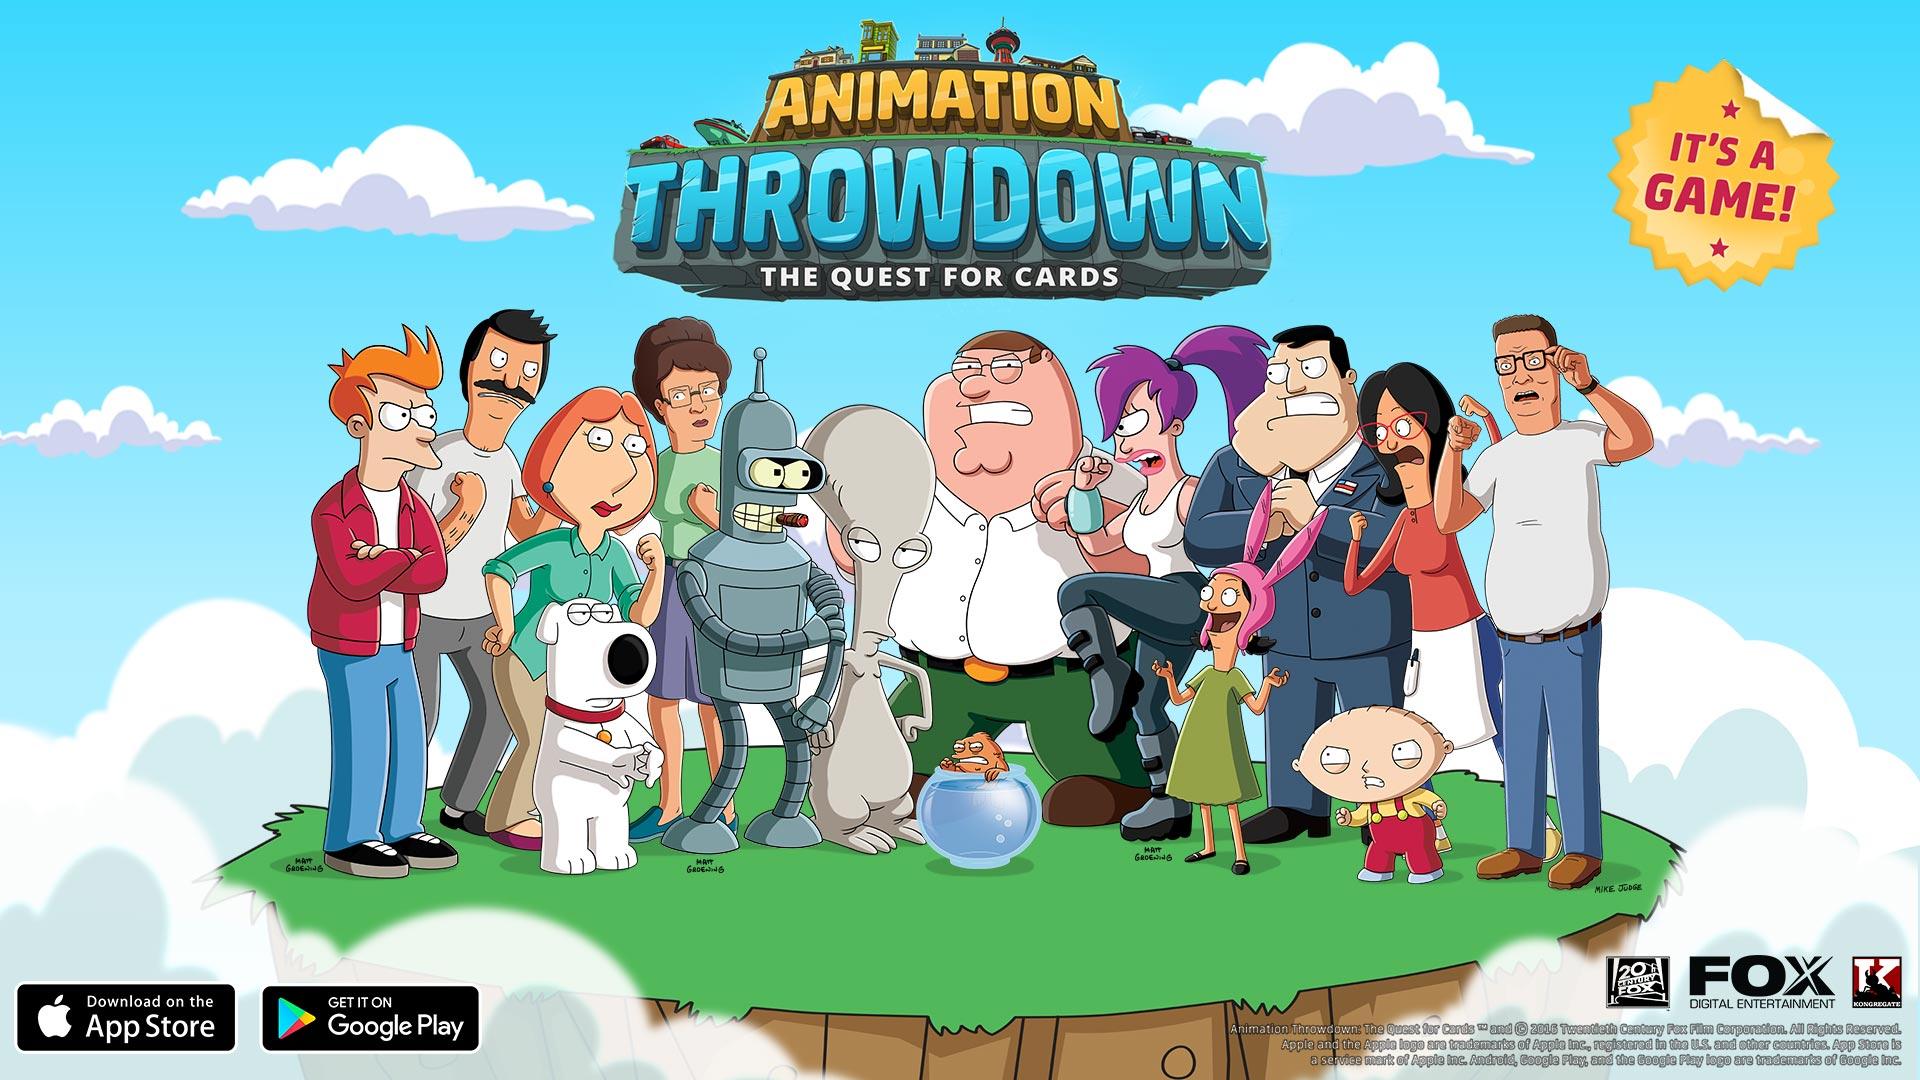 Kongregate animation throwdown